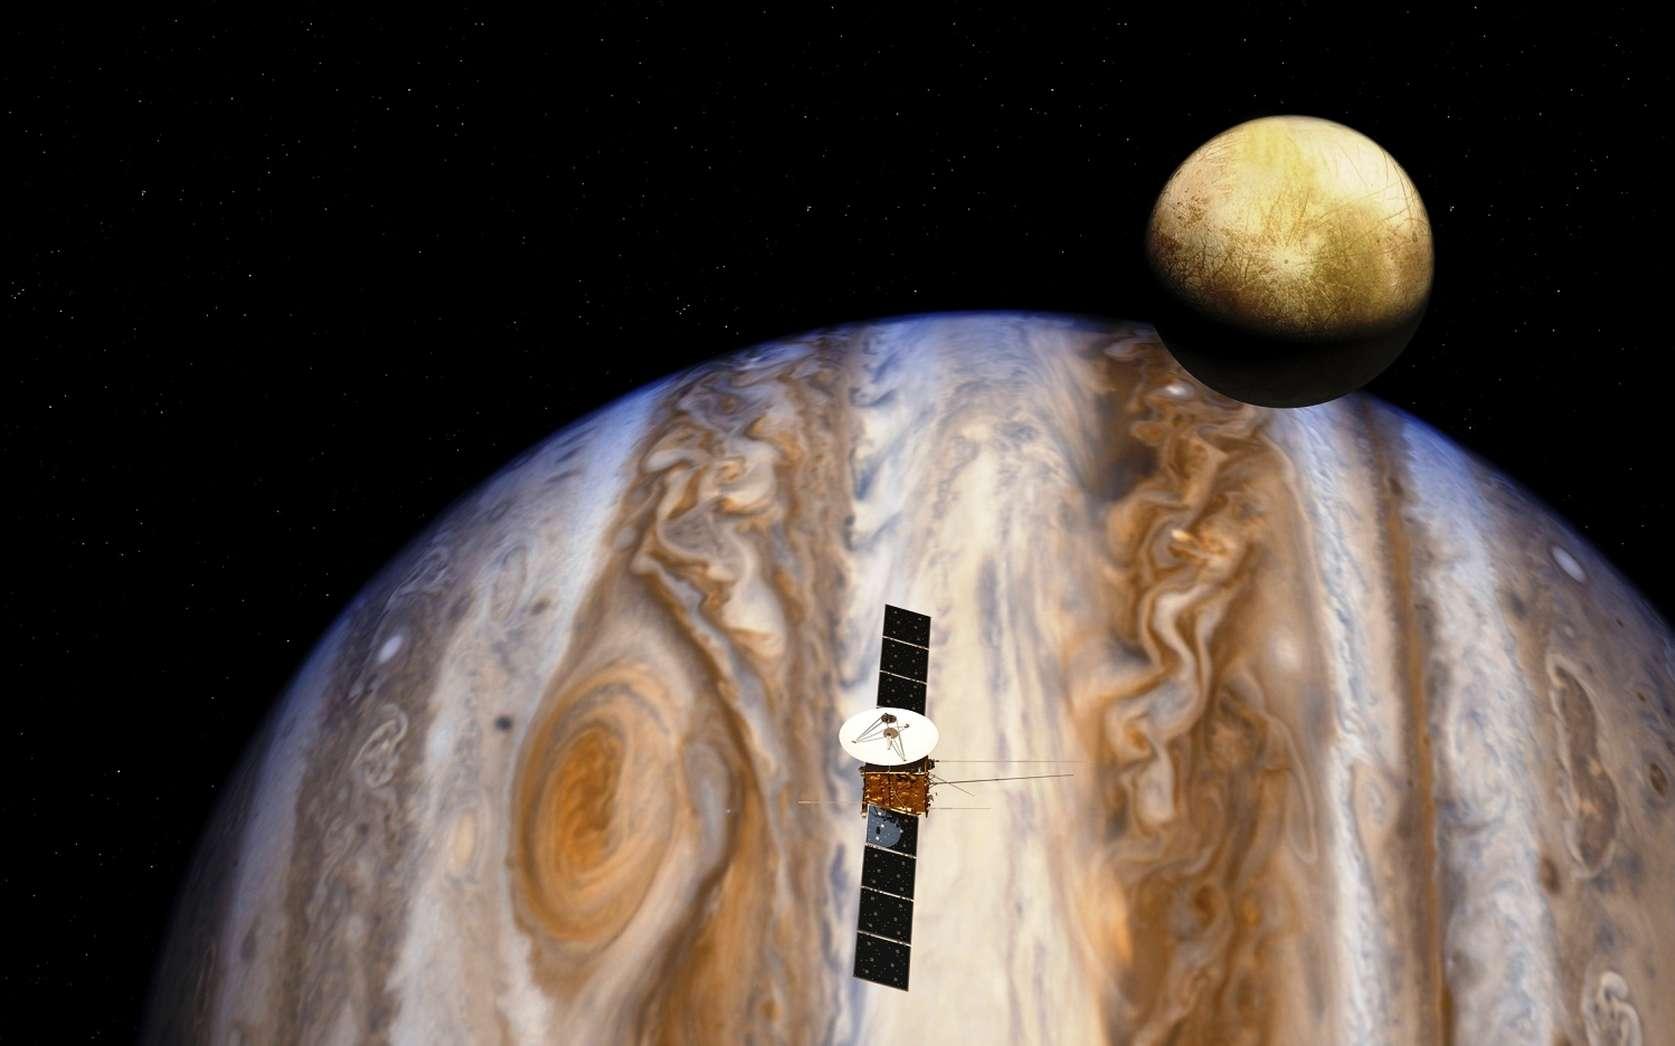 Une vue d'artiste de la sonde Juice qui rejoindra Jupiter et ses satellites. © ESA, AOES